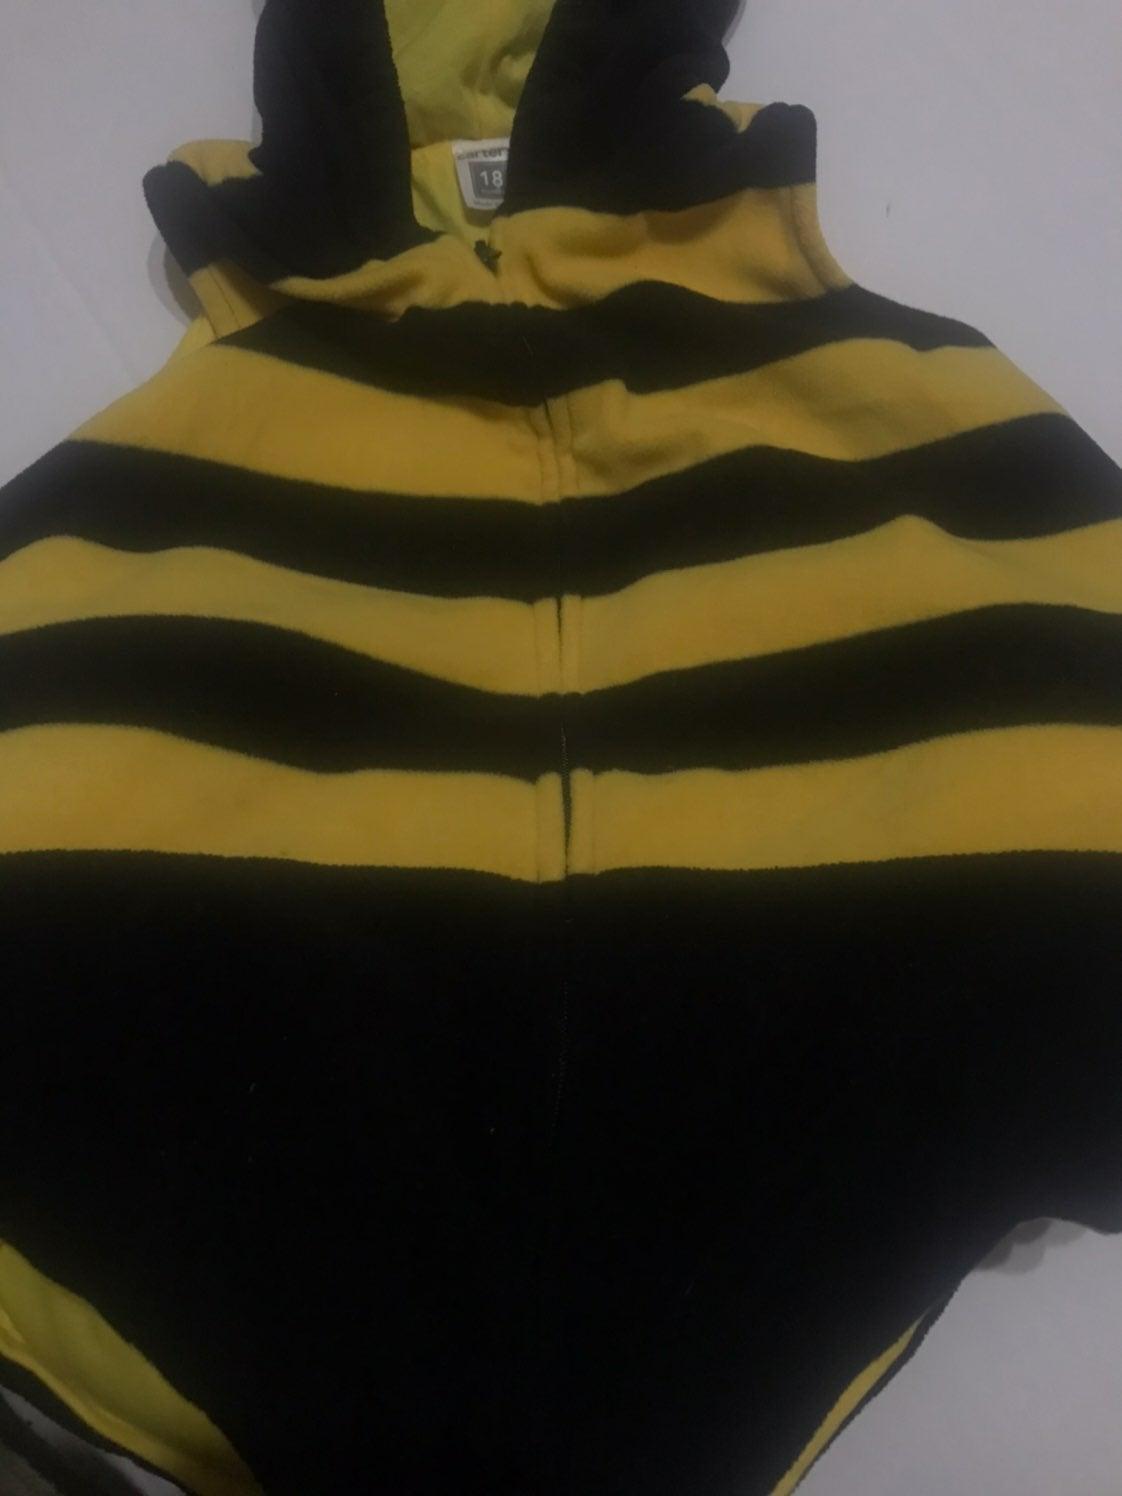 Bumble bee baby halloween costume